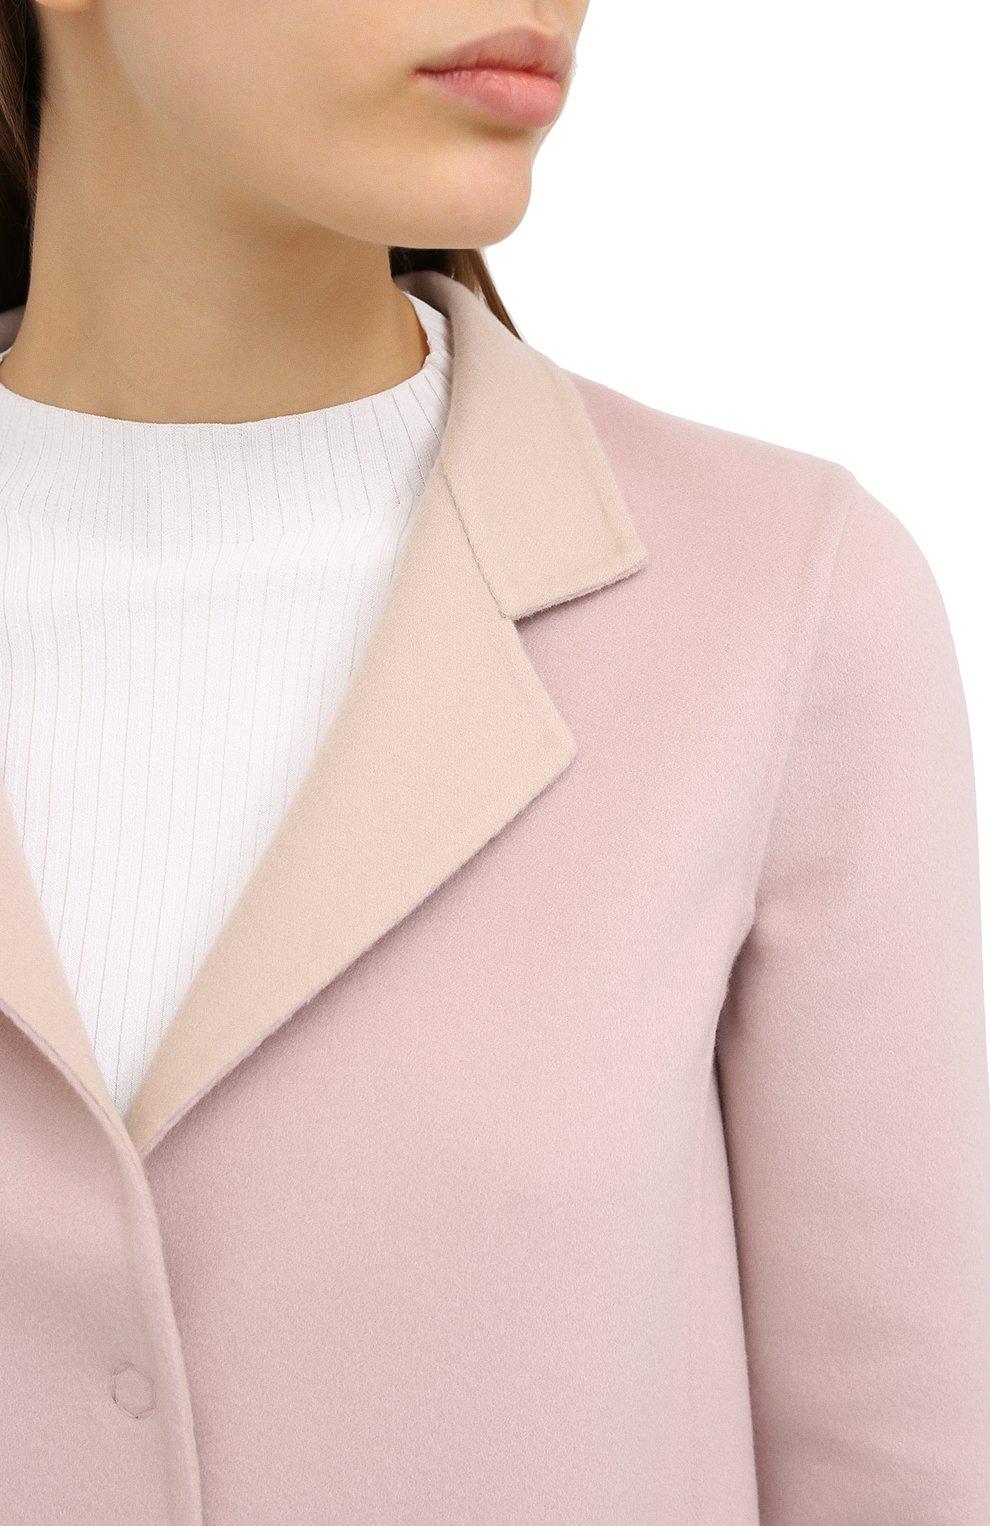 Женское пальто из шерсти и кашемира MANZONI24 светло-розового цвета, арт. 20M557-DB1/38-46 | Фото 6